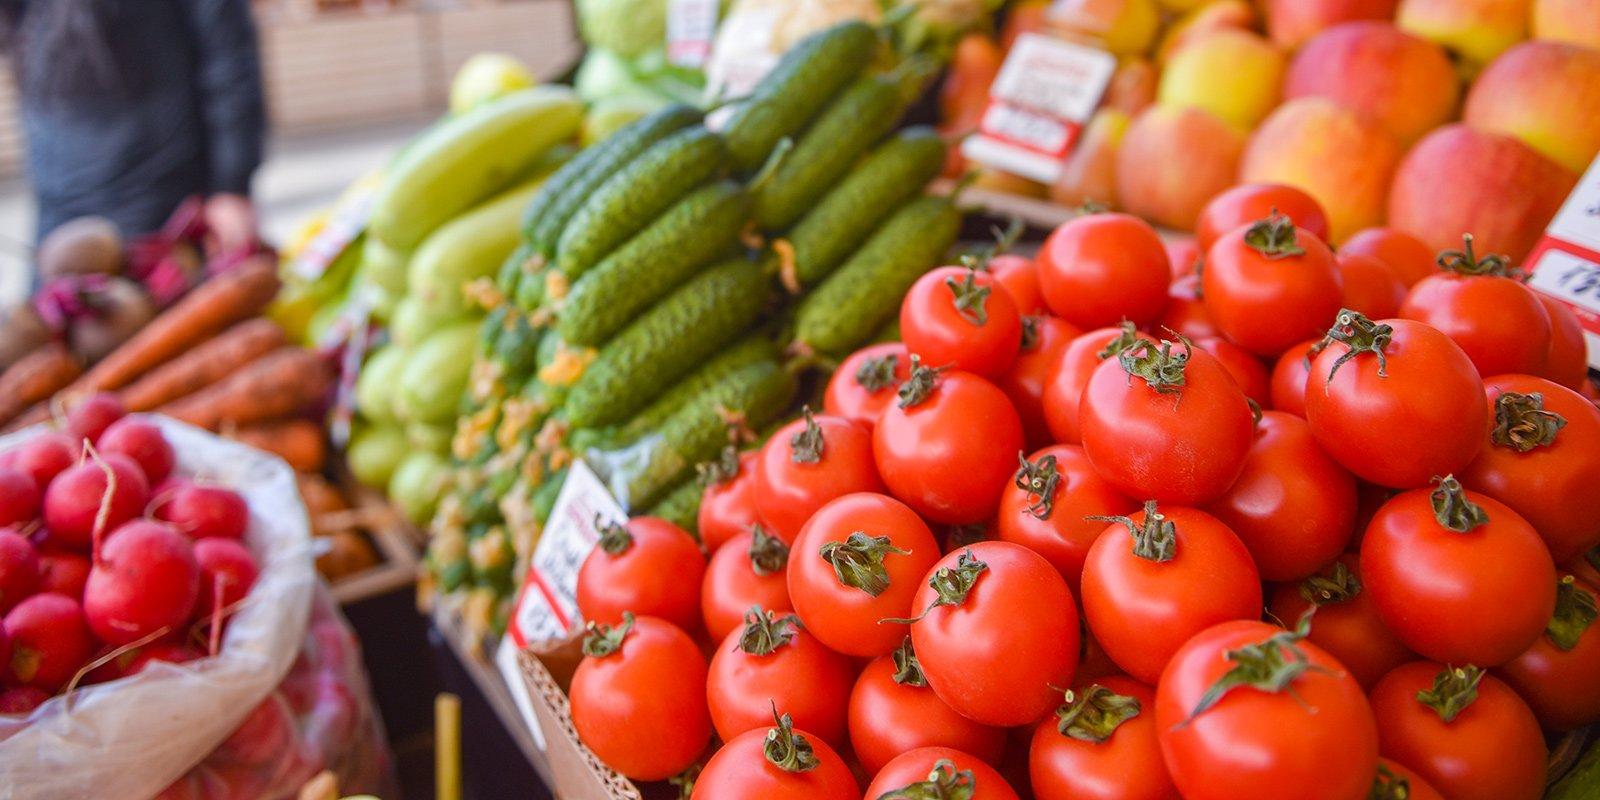 Для фермеров и предпринимателей: начался прием заявок на участие в ярмарках выходного дня